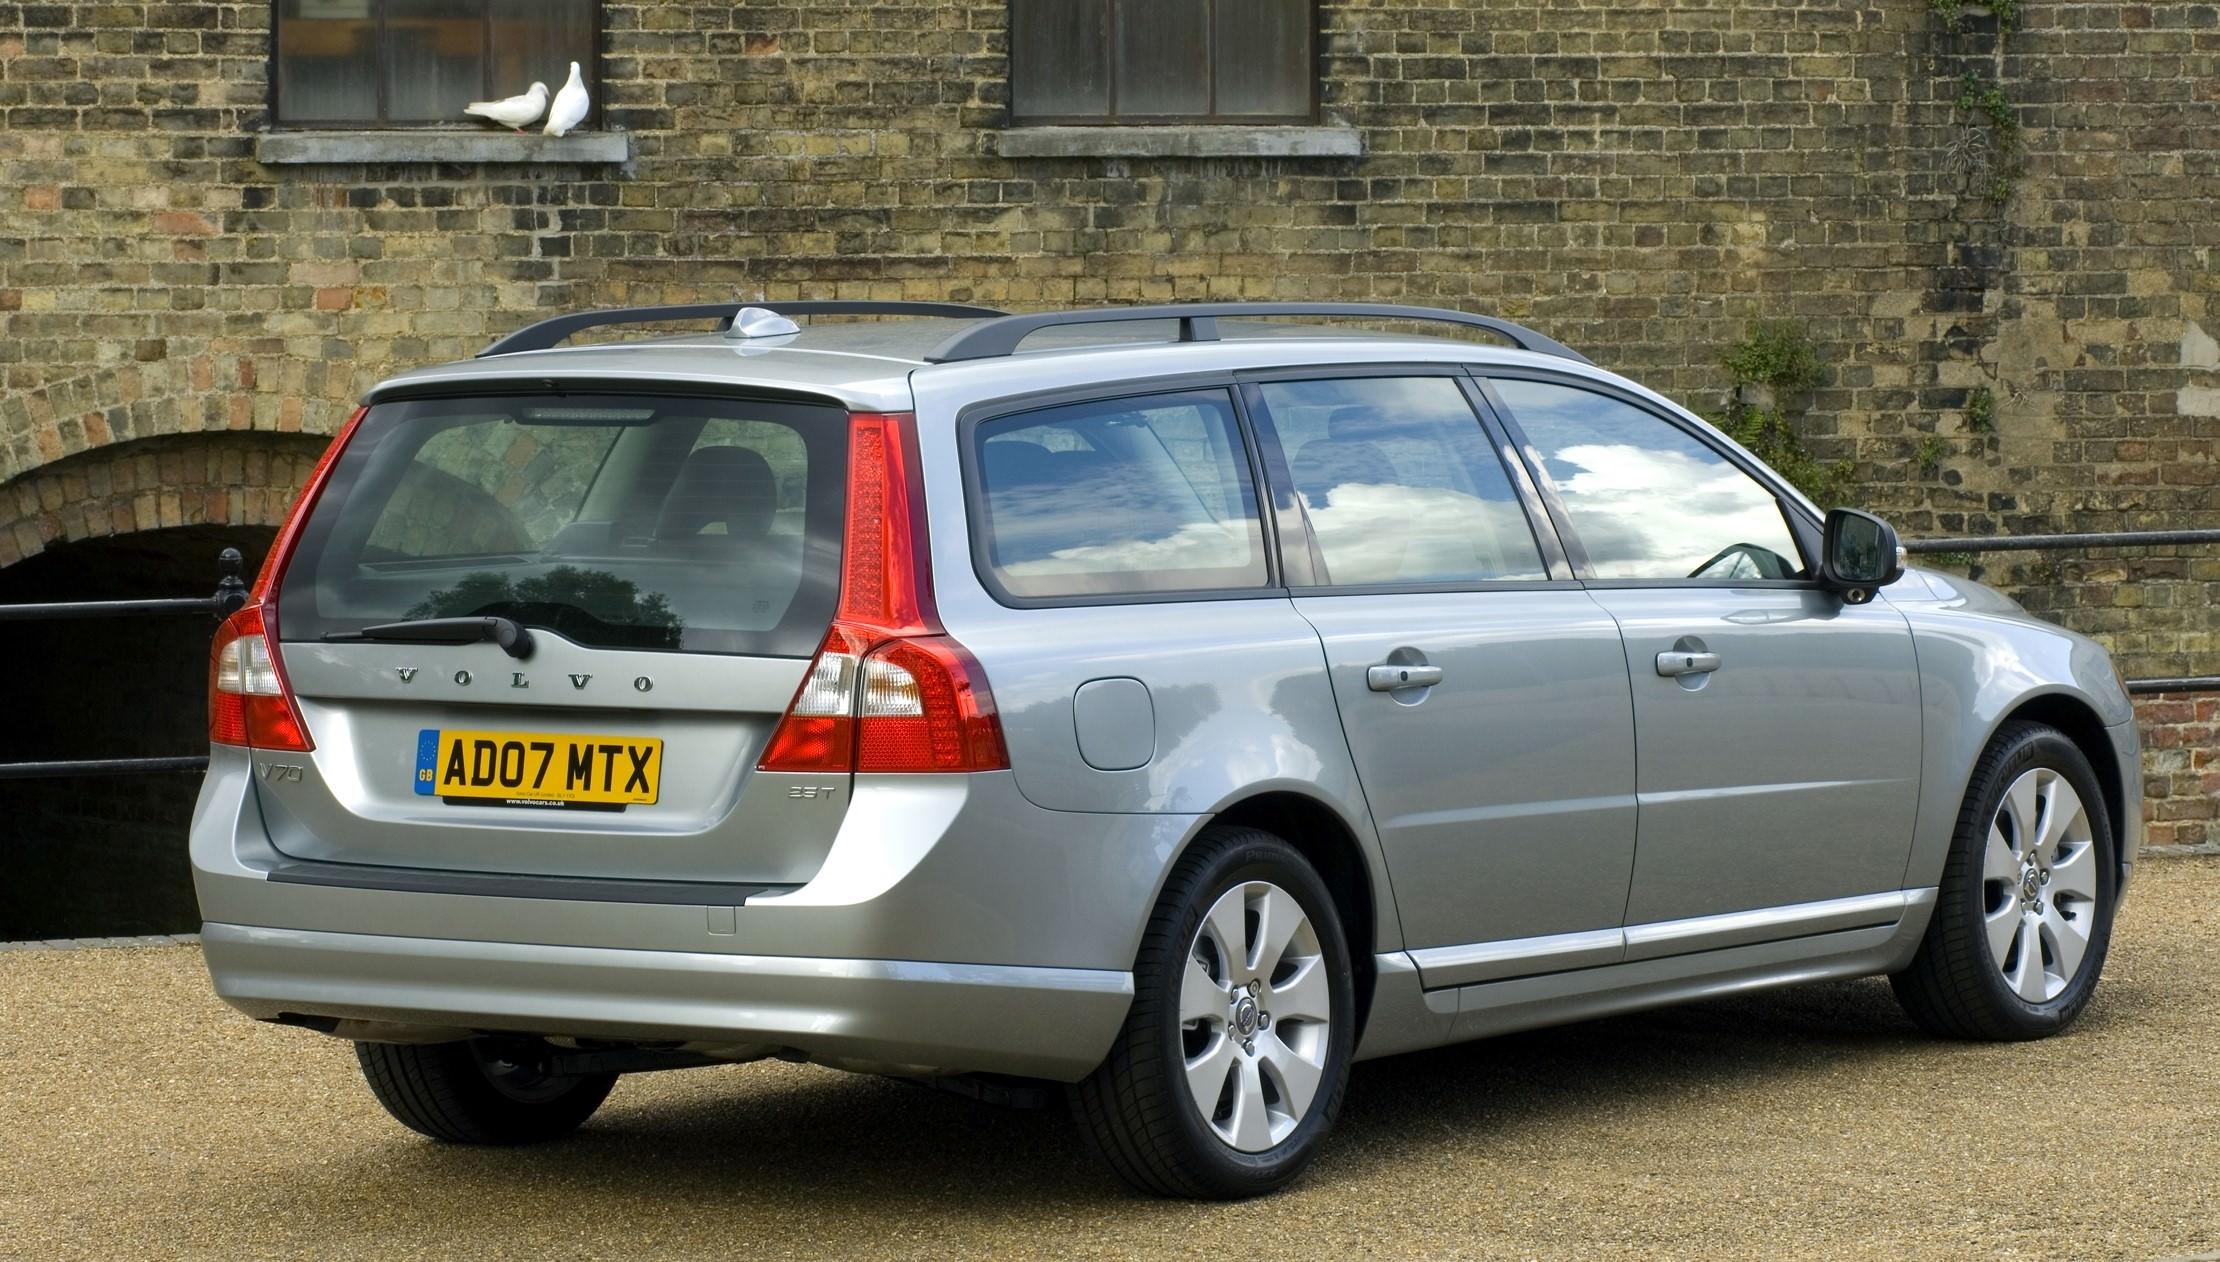 image of a silver volvo v70 estate car exterior